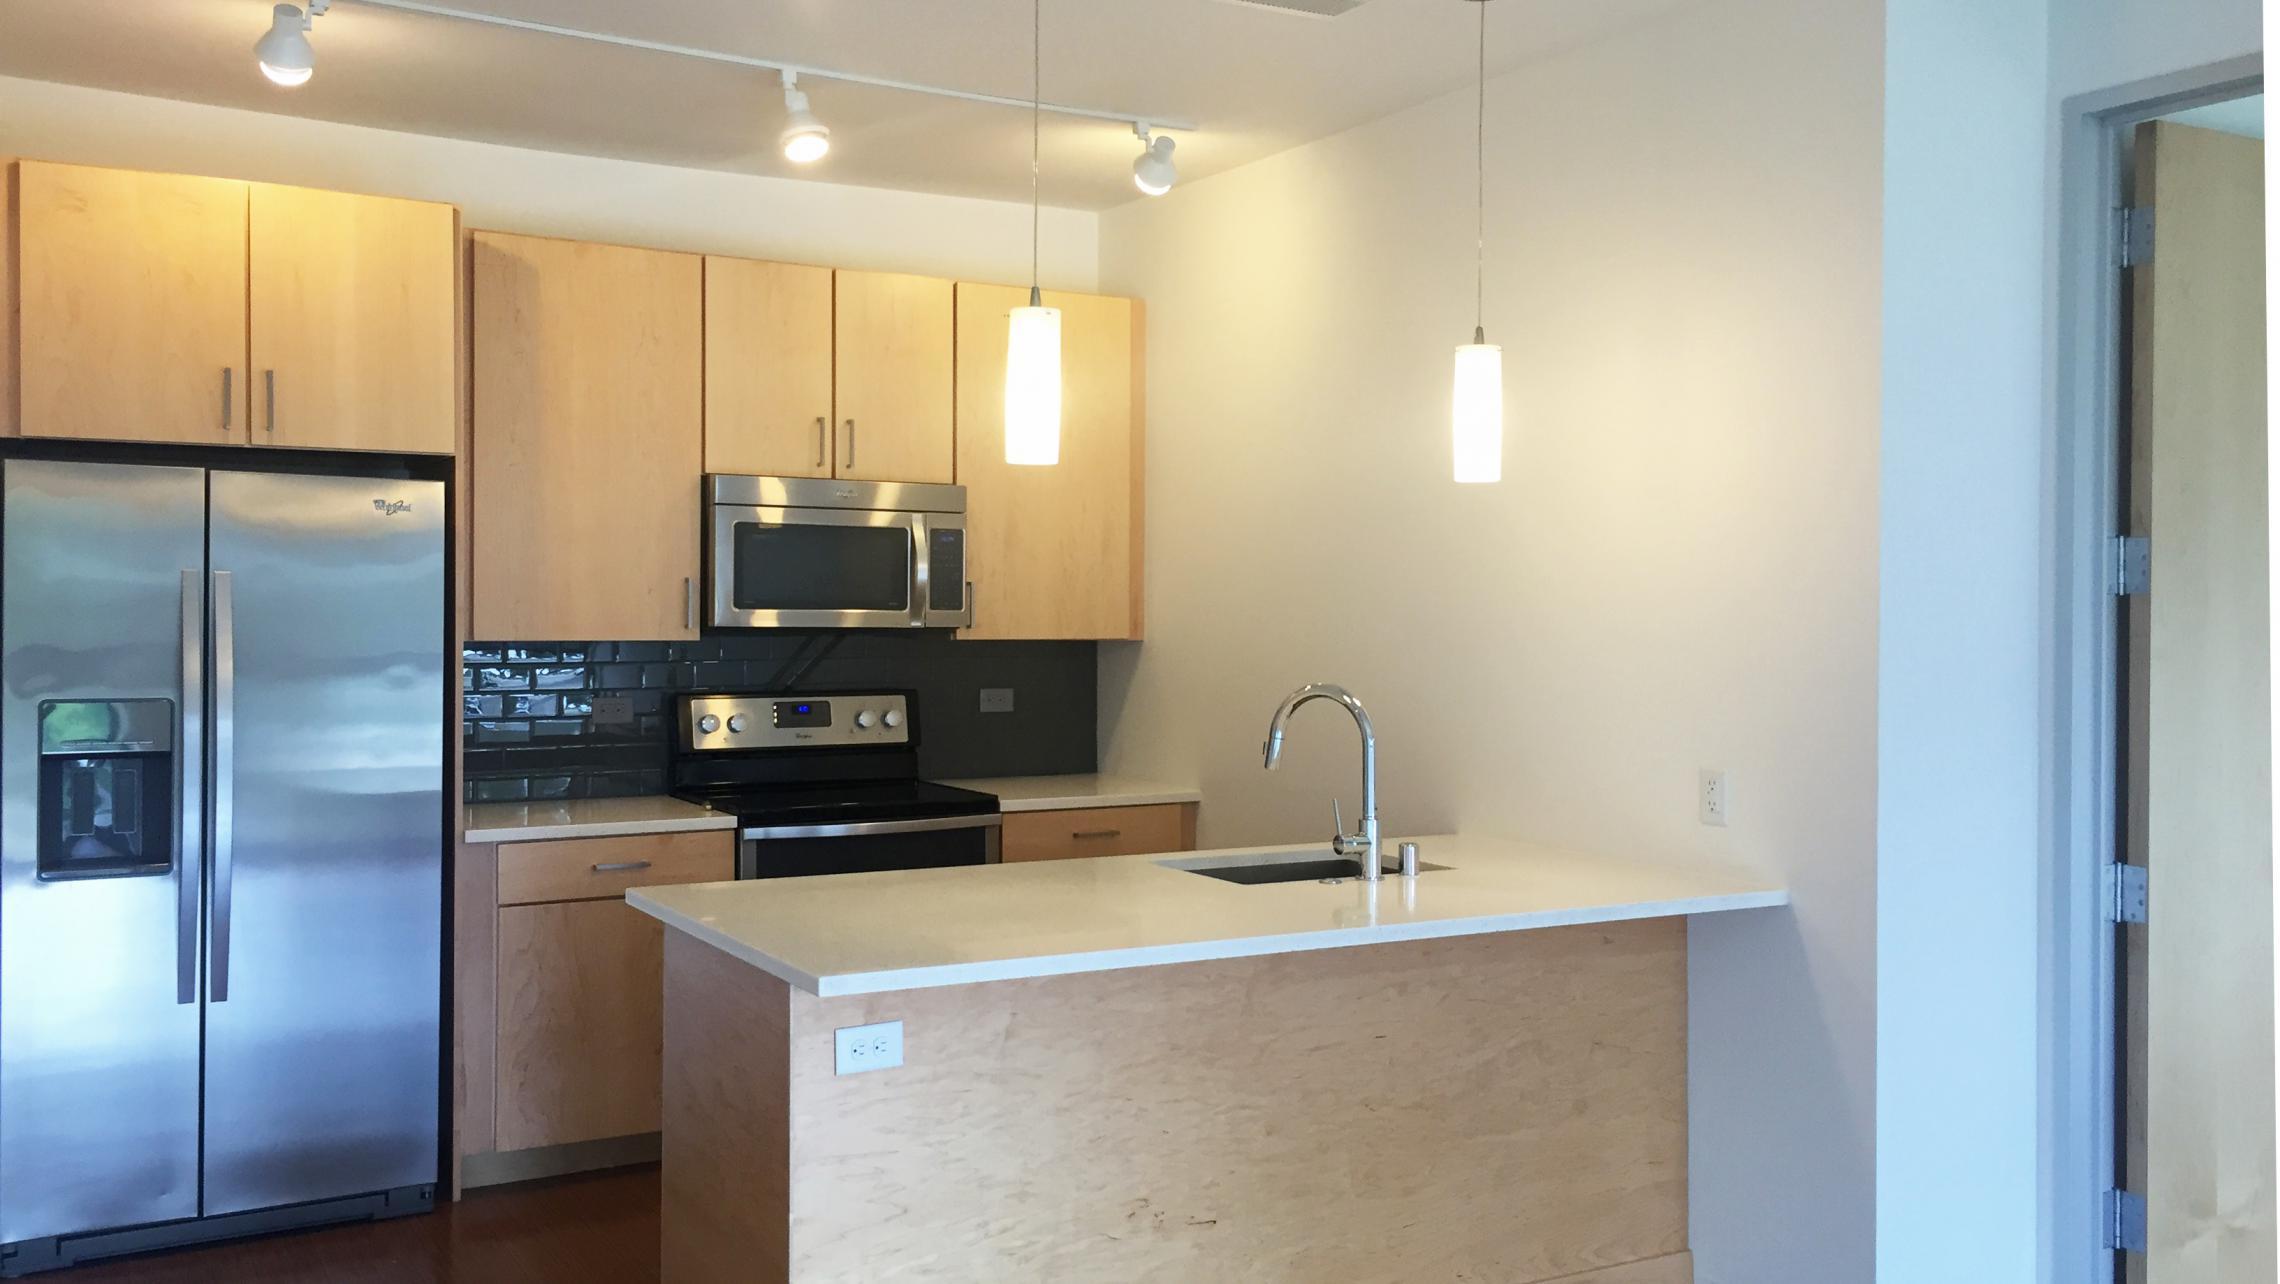 ULI Seven27 Apartment 337 - Kitchen